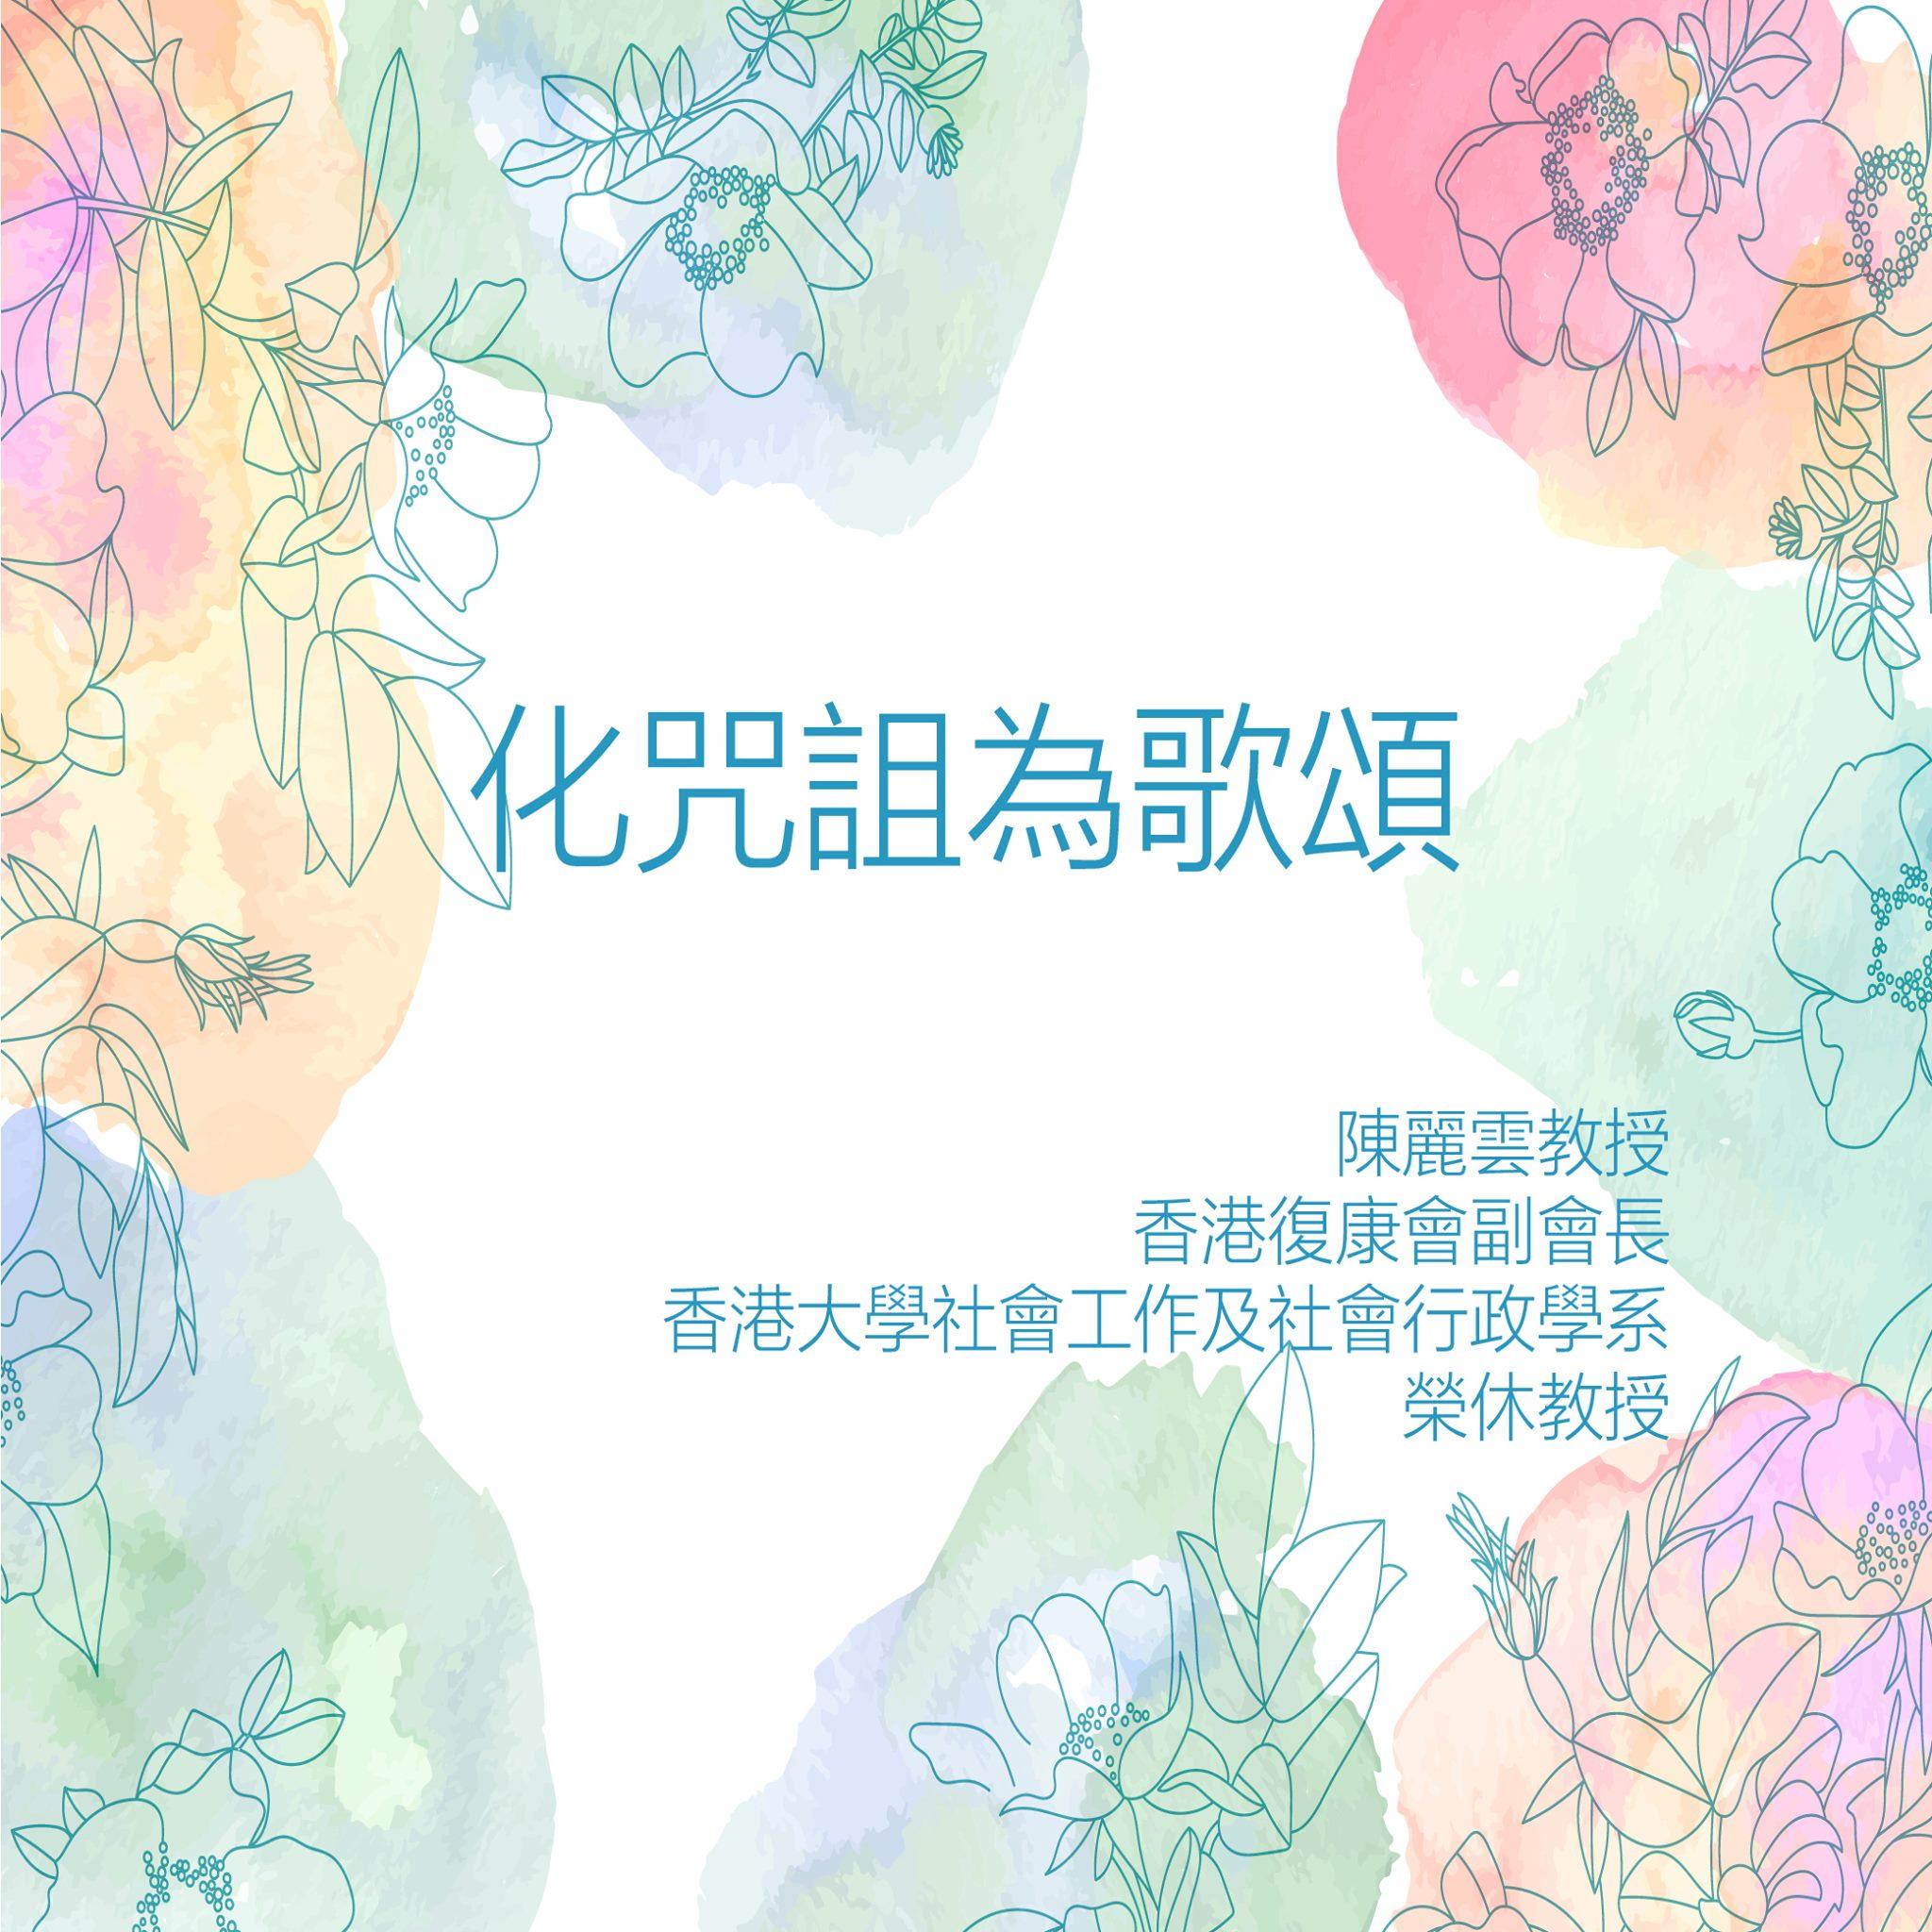 「化咒詛為歌頌」- 陳麗雲教授